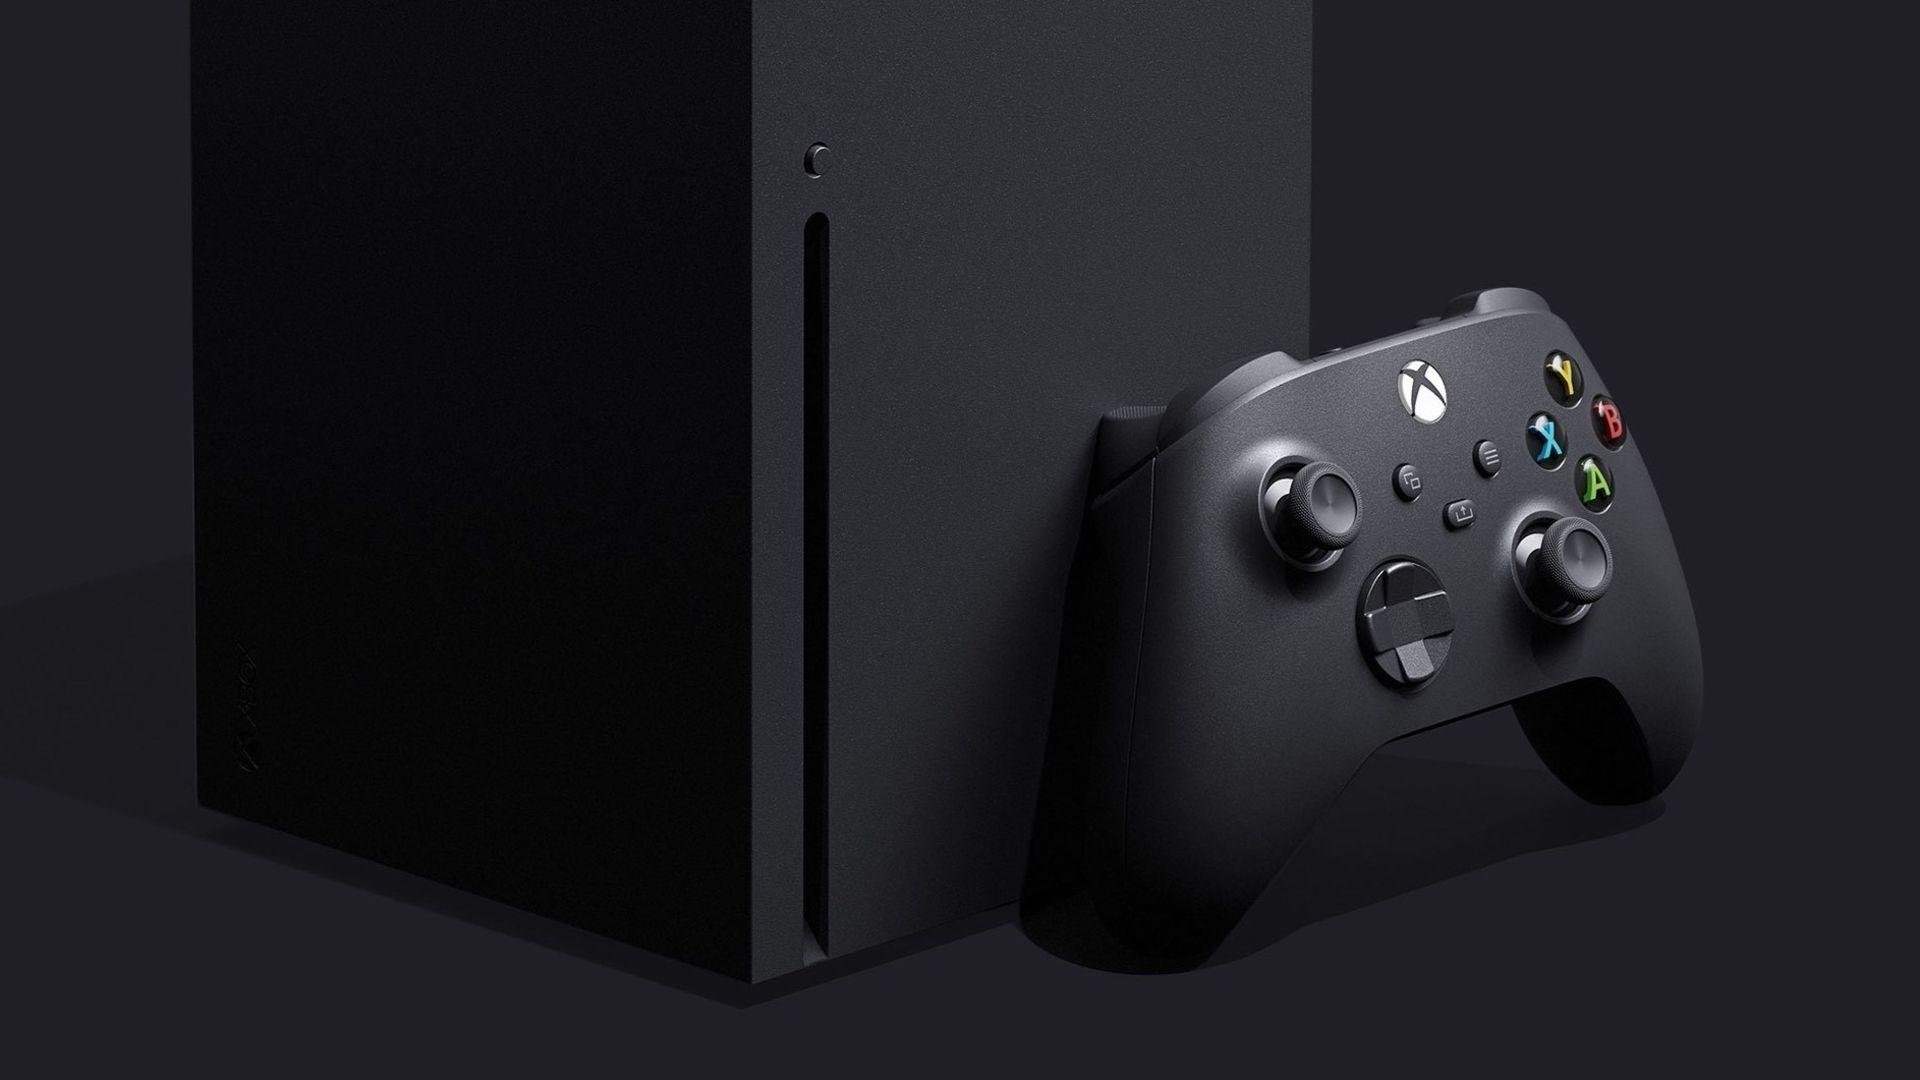 Premiera PS5 i Xbox Series X przesunięta? Tak twierdzą analitycy 18